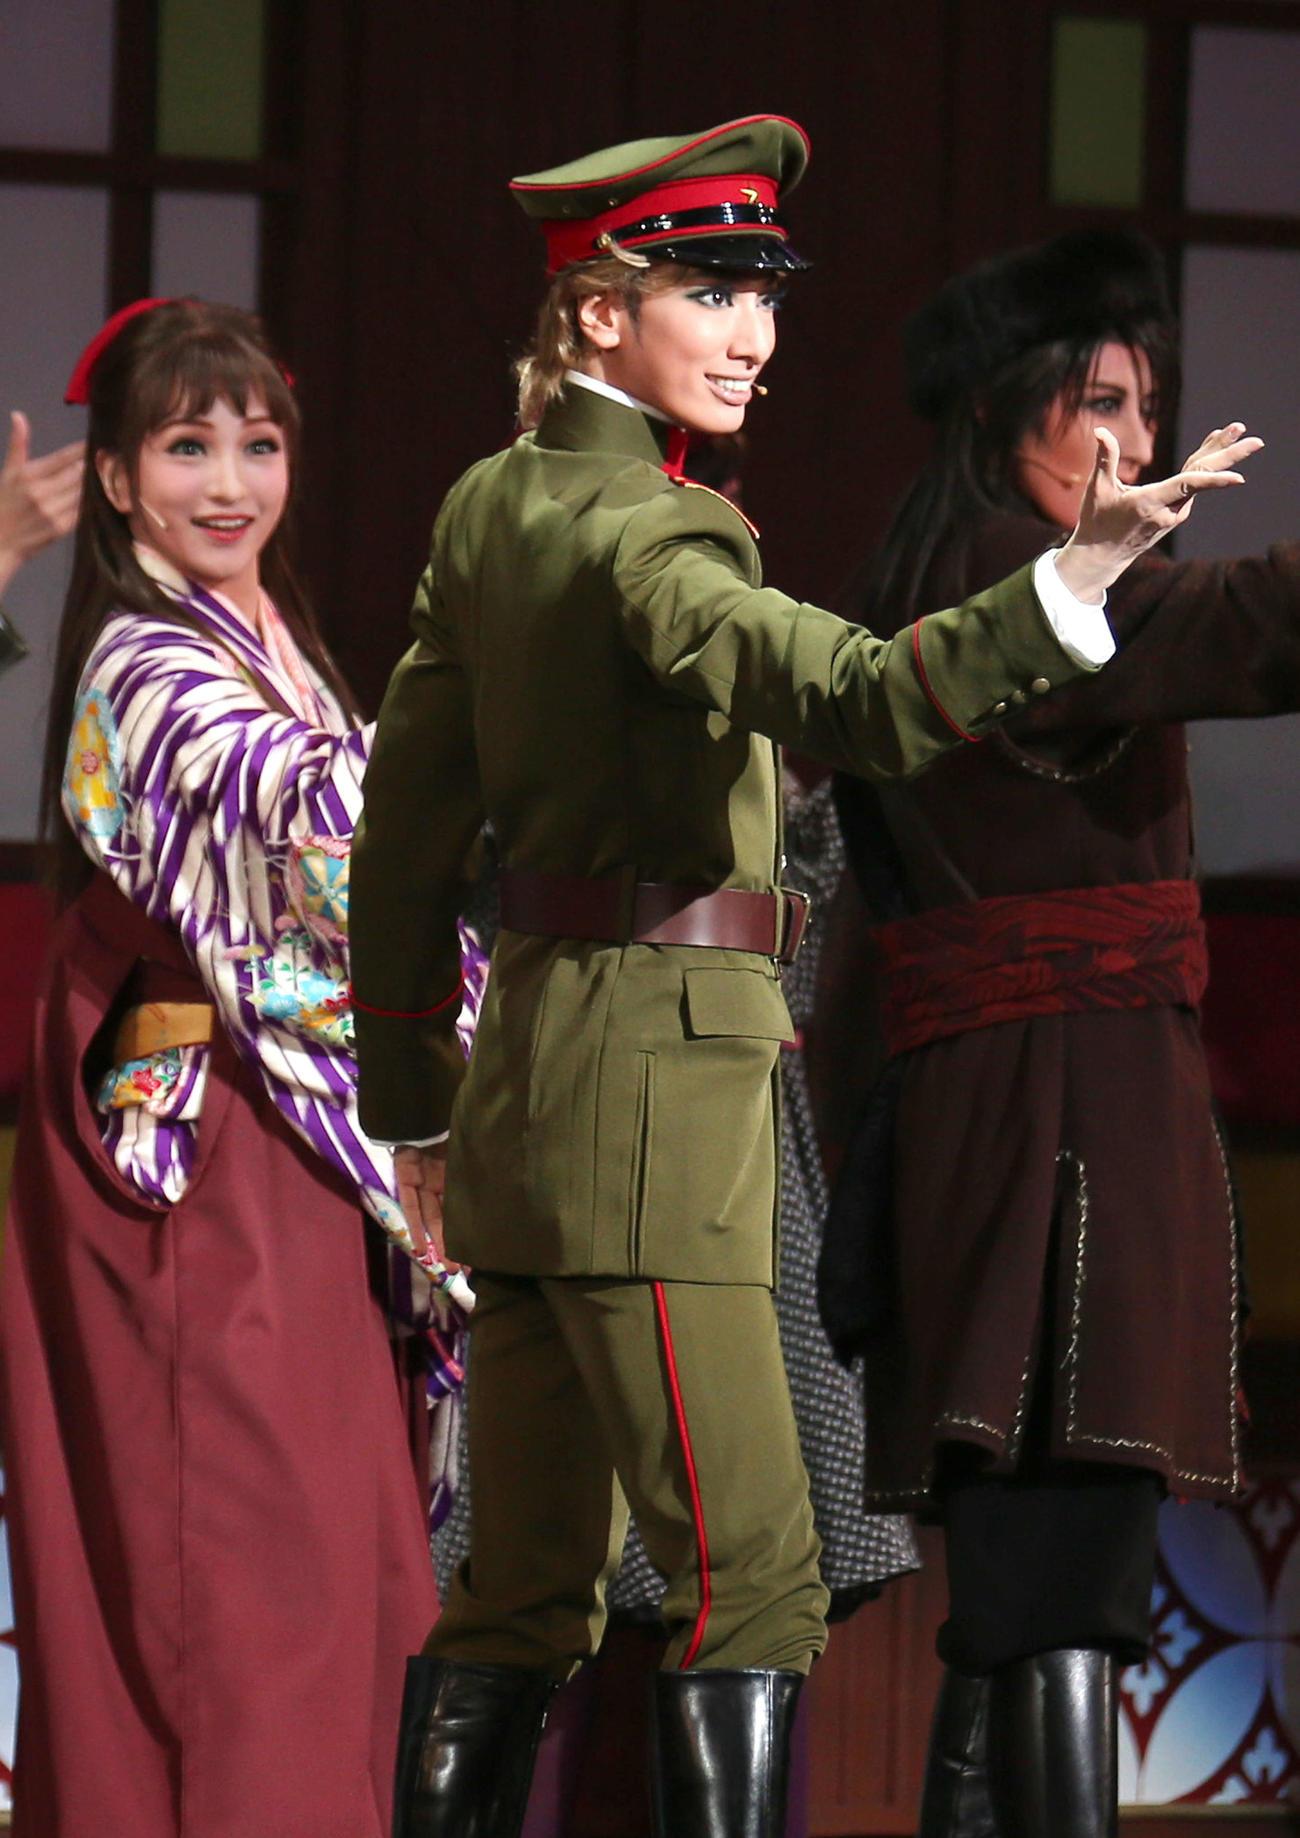 130日ぶり再開となった花組公演に主演した新トップ柚香光(右)と、相手娘役の華優希(撮影・上山淳一)